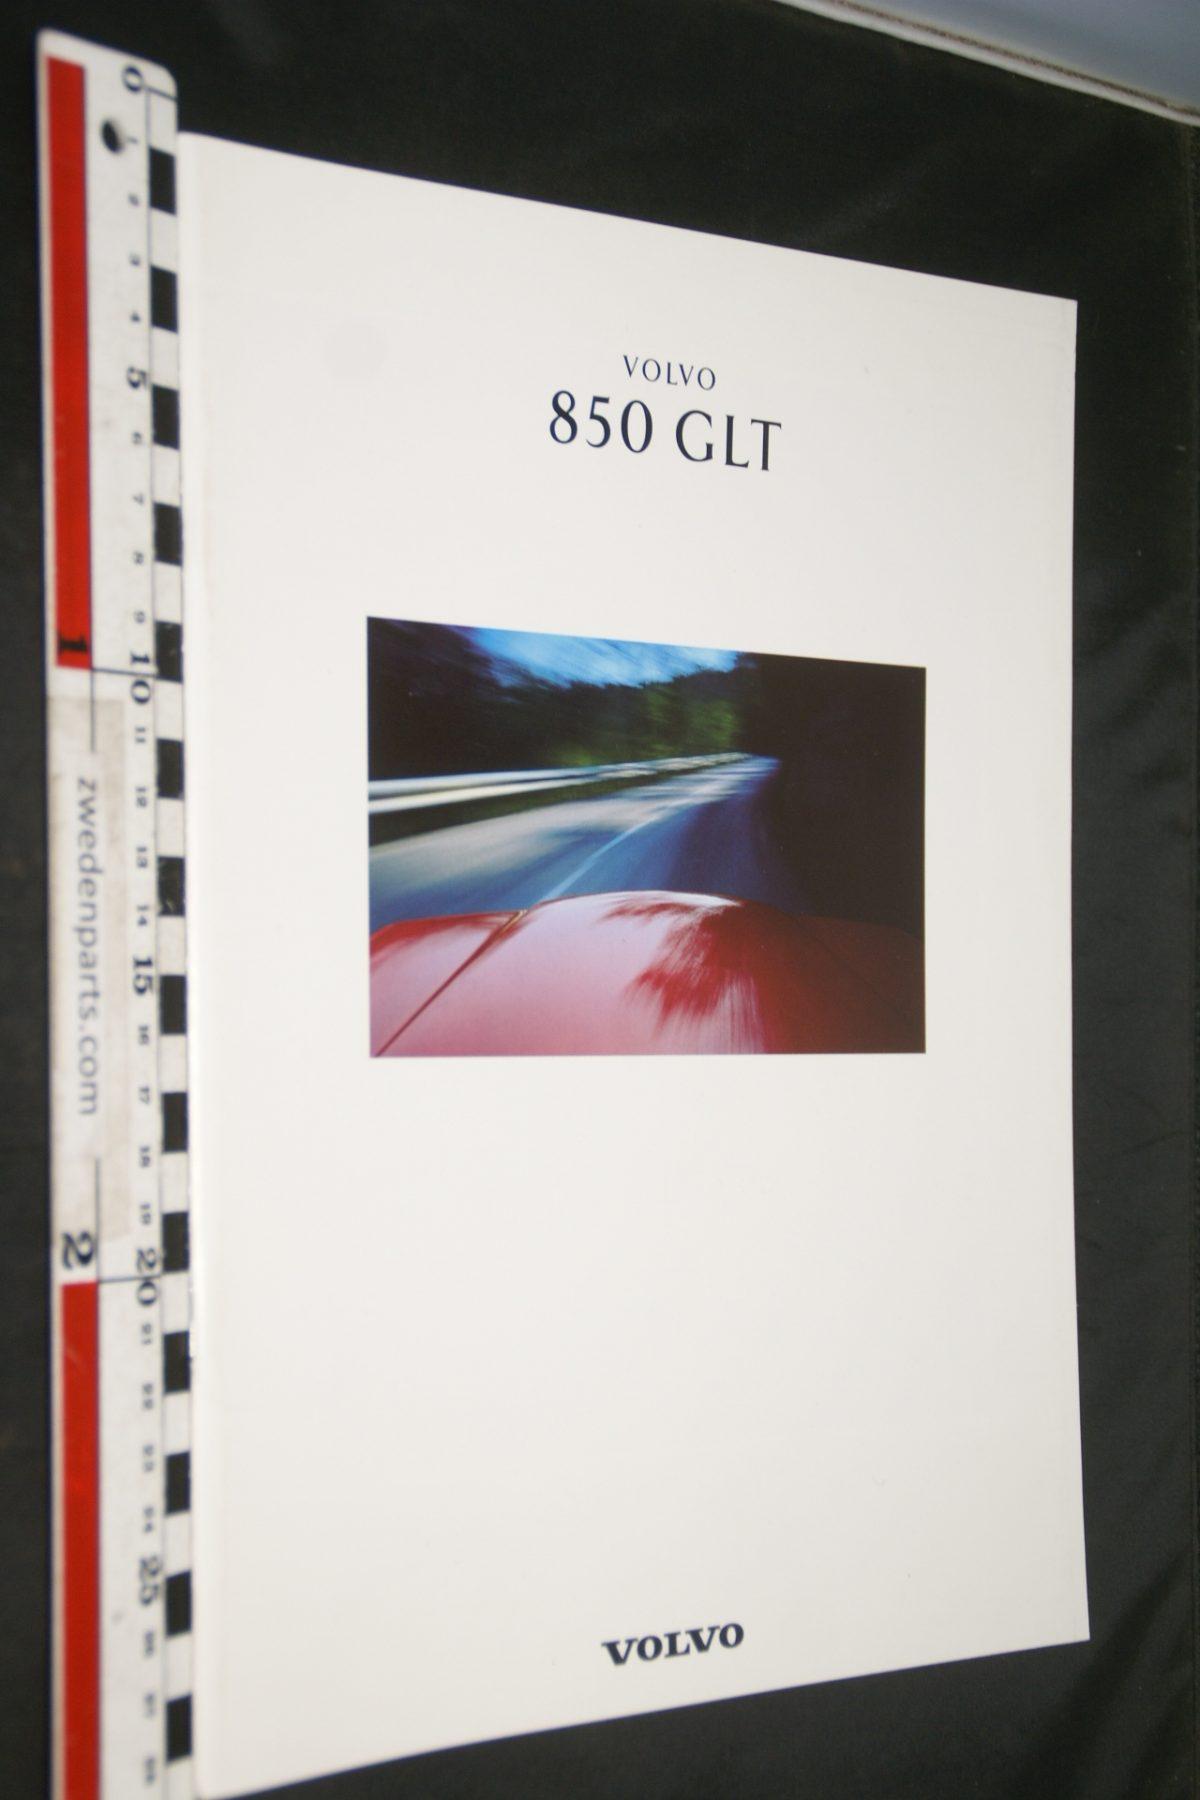 DSC06272 1992 brochure Volvo 850 GLT nr MSPV 4775-92